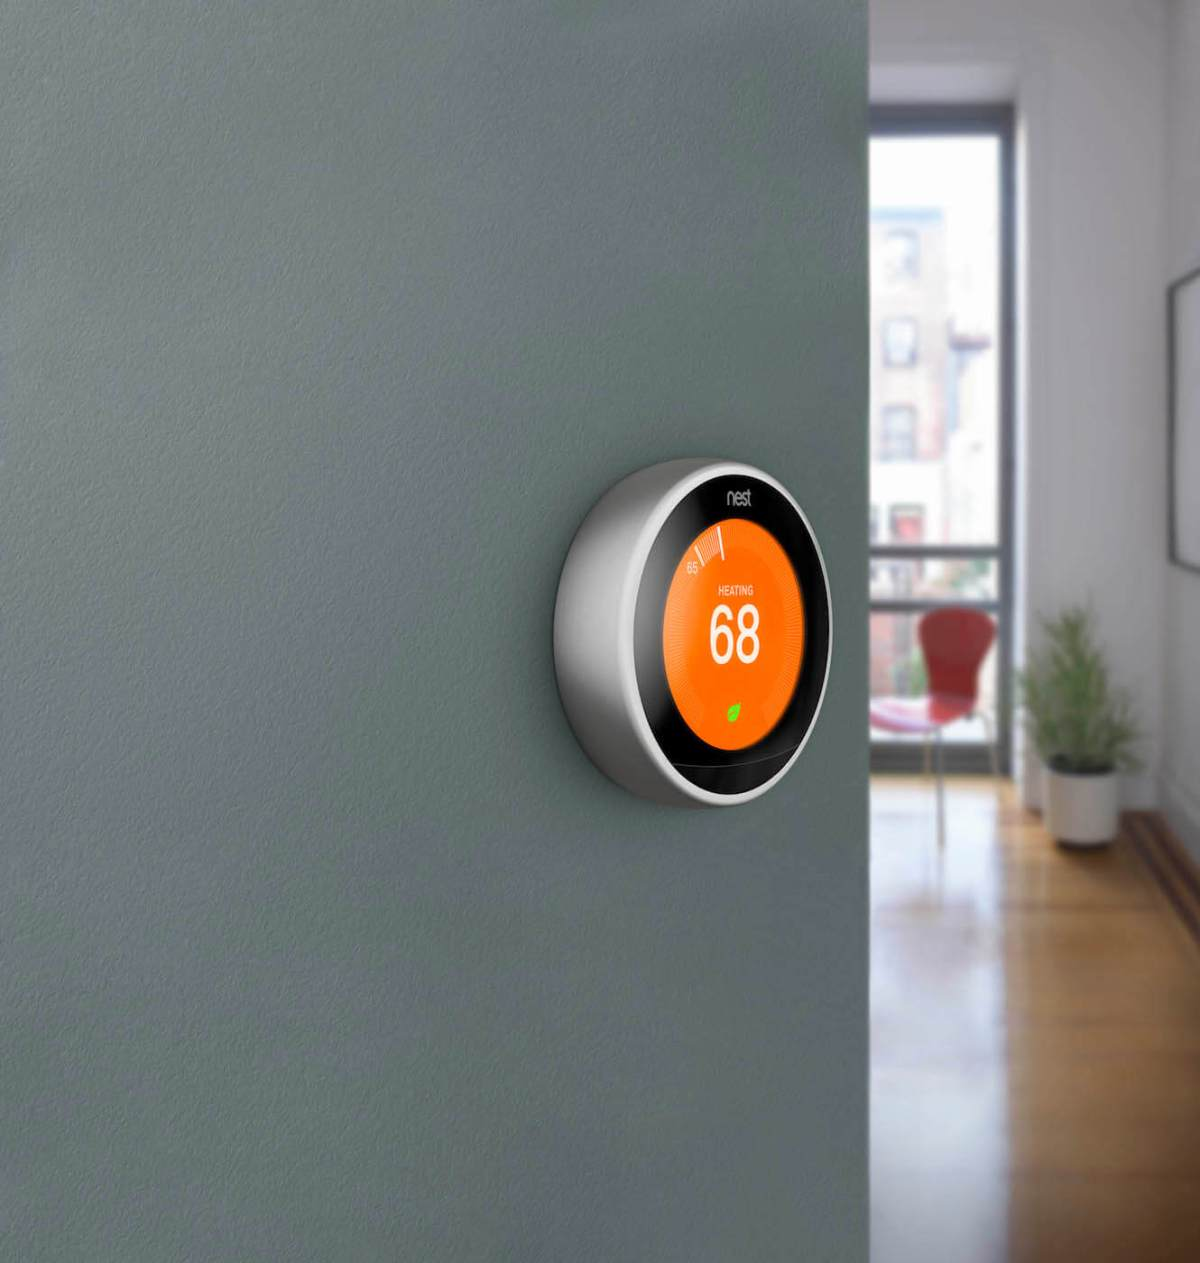 10 อุปกรณ์ Smart Home บ้านอัจฉริยะยอดนิยมระดับโลก 20 - AP (Thailand) - เอพี (ไทยแลนด์)